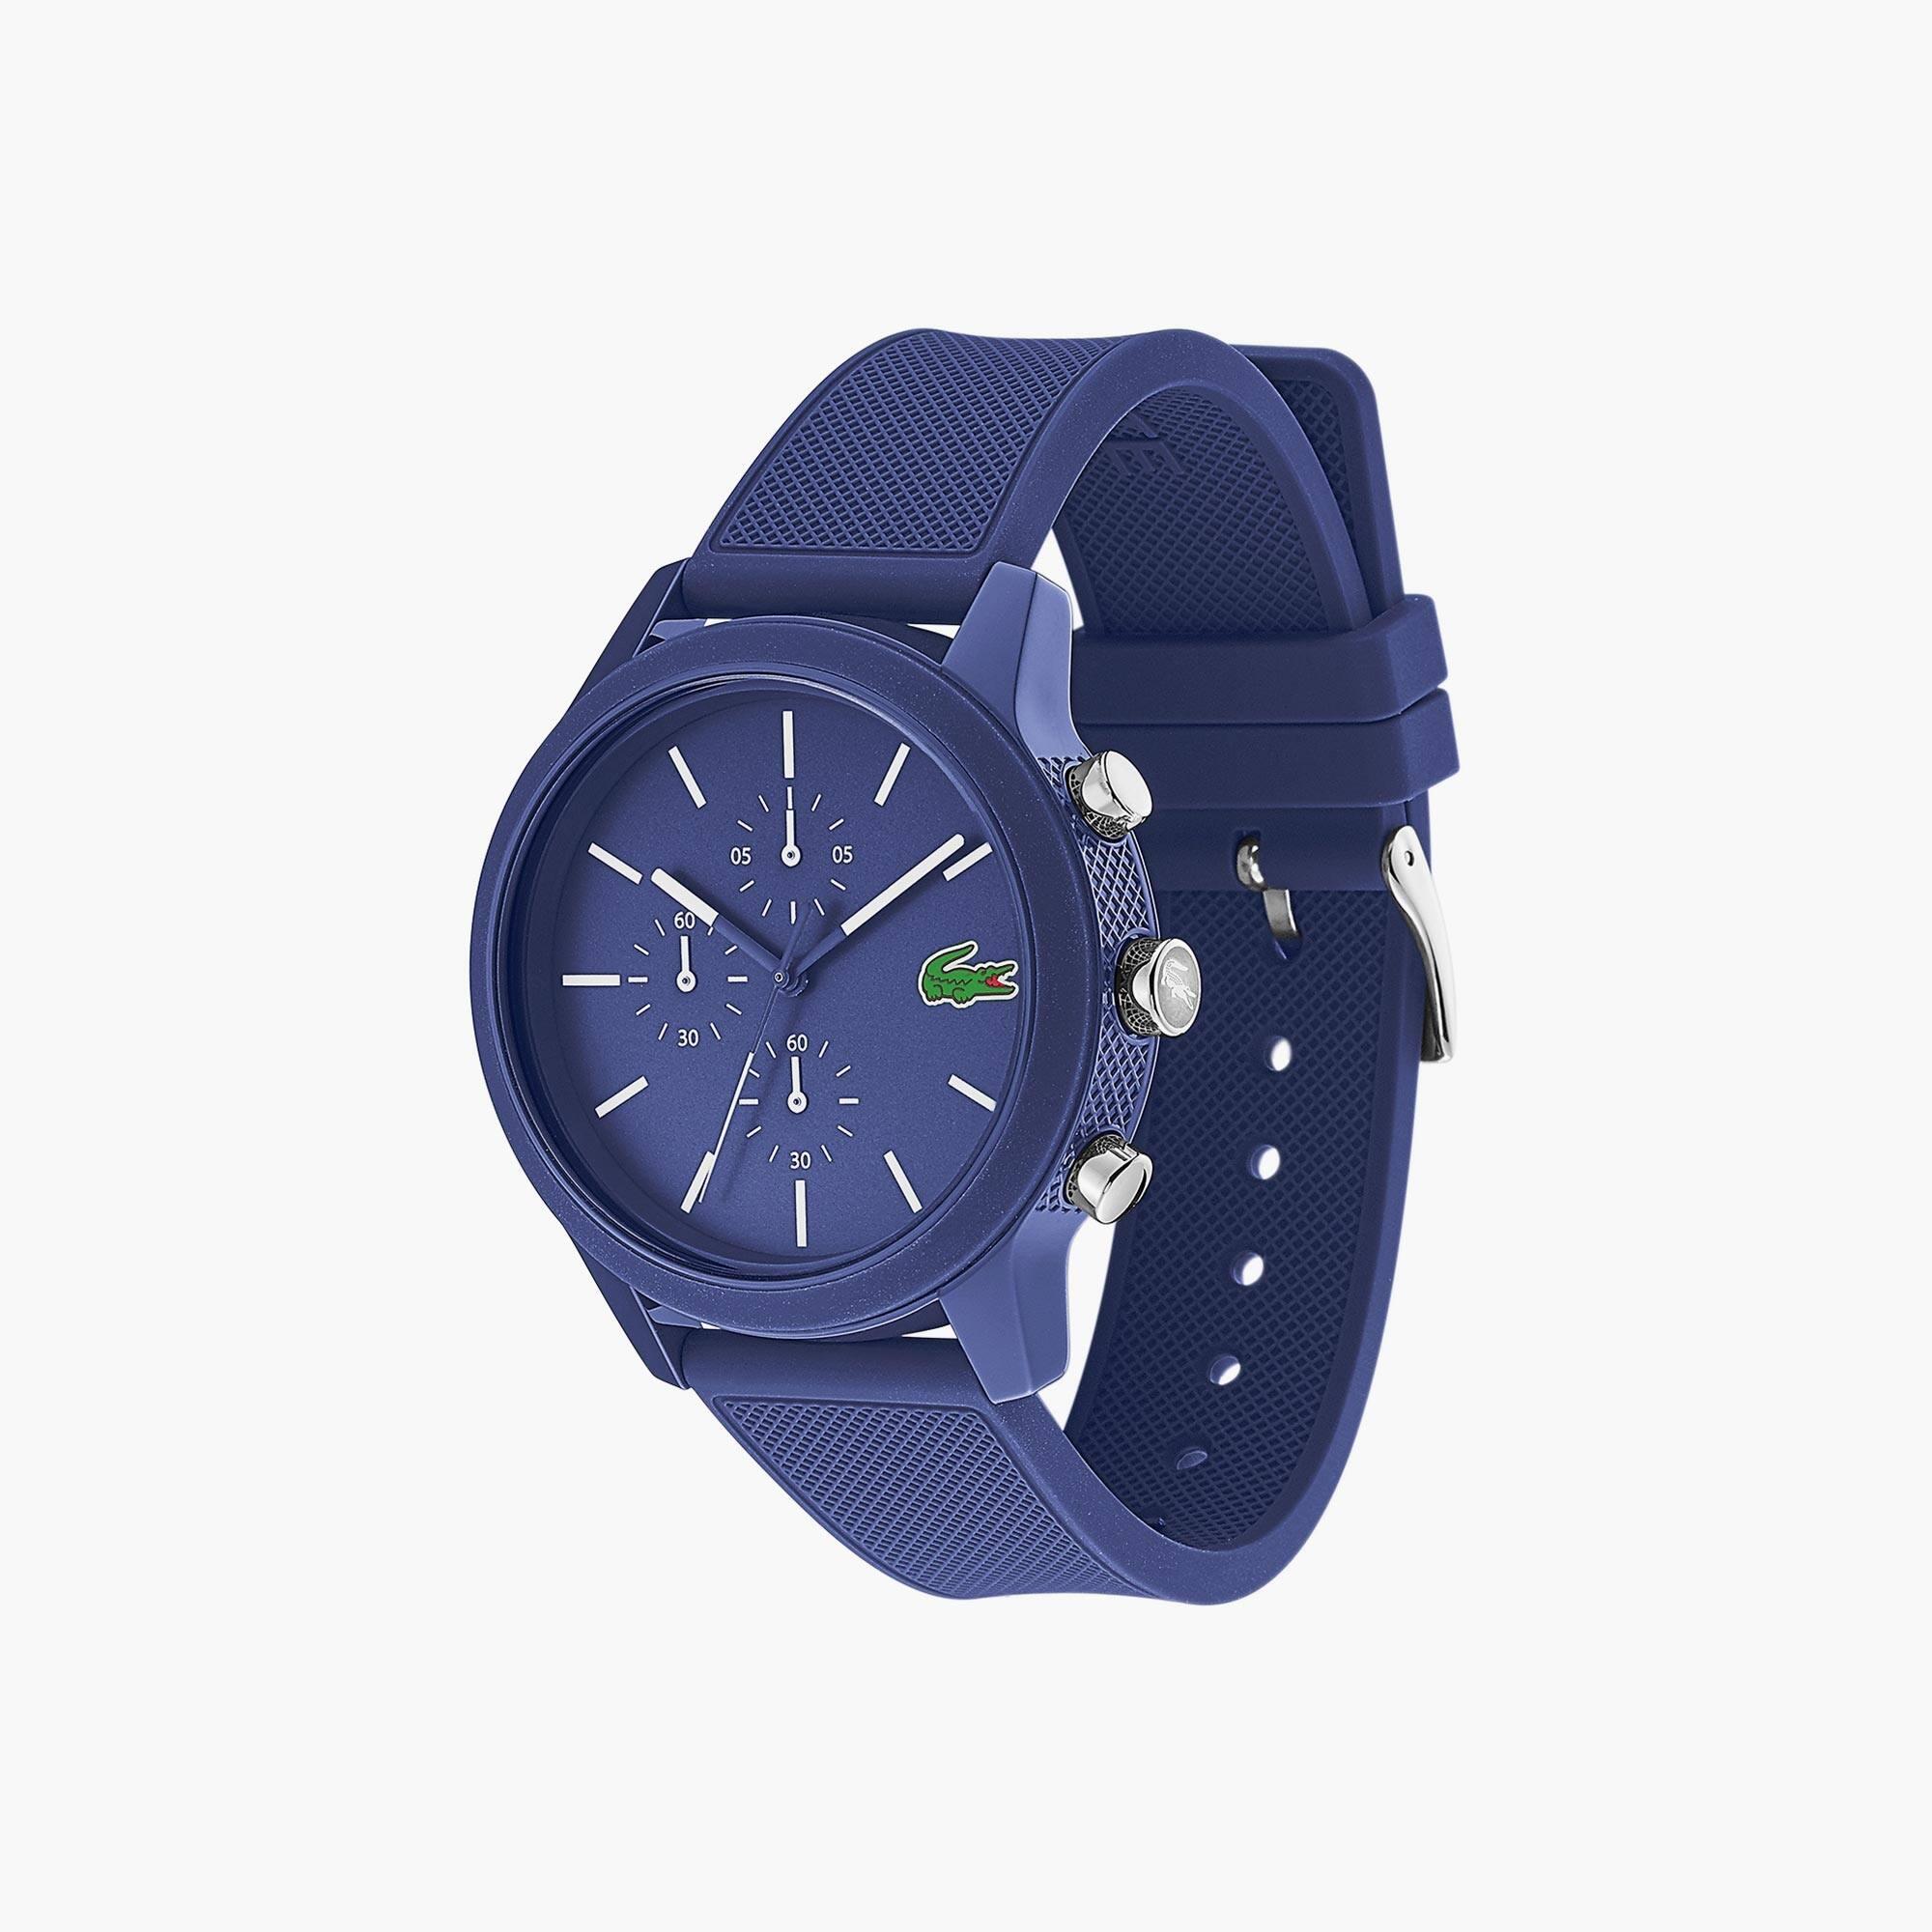 Lacoste Silicone Montre 12 12 Bleu Homme Avec Bracelet 4RcqA35jL